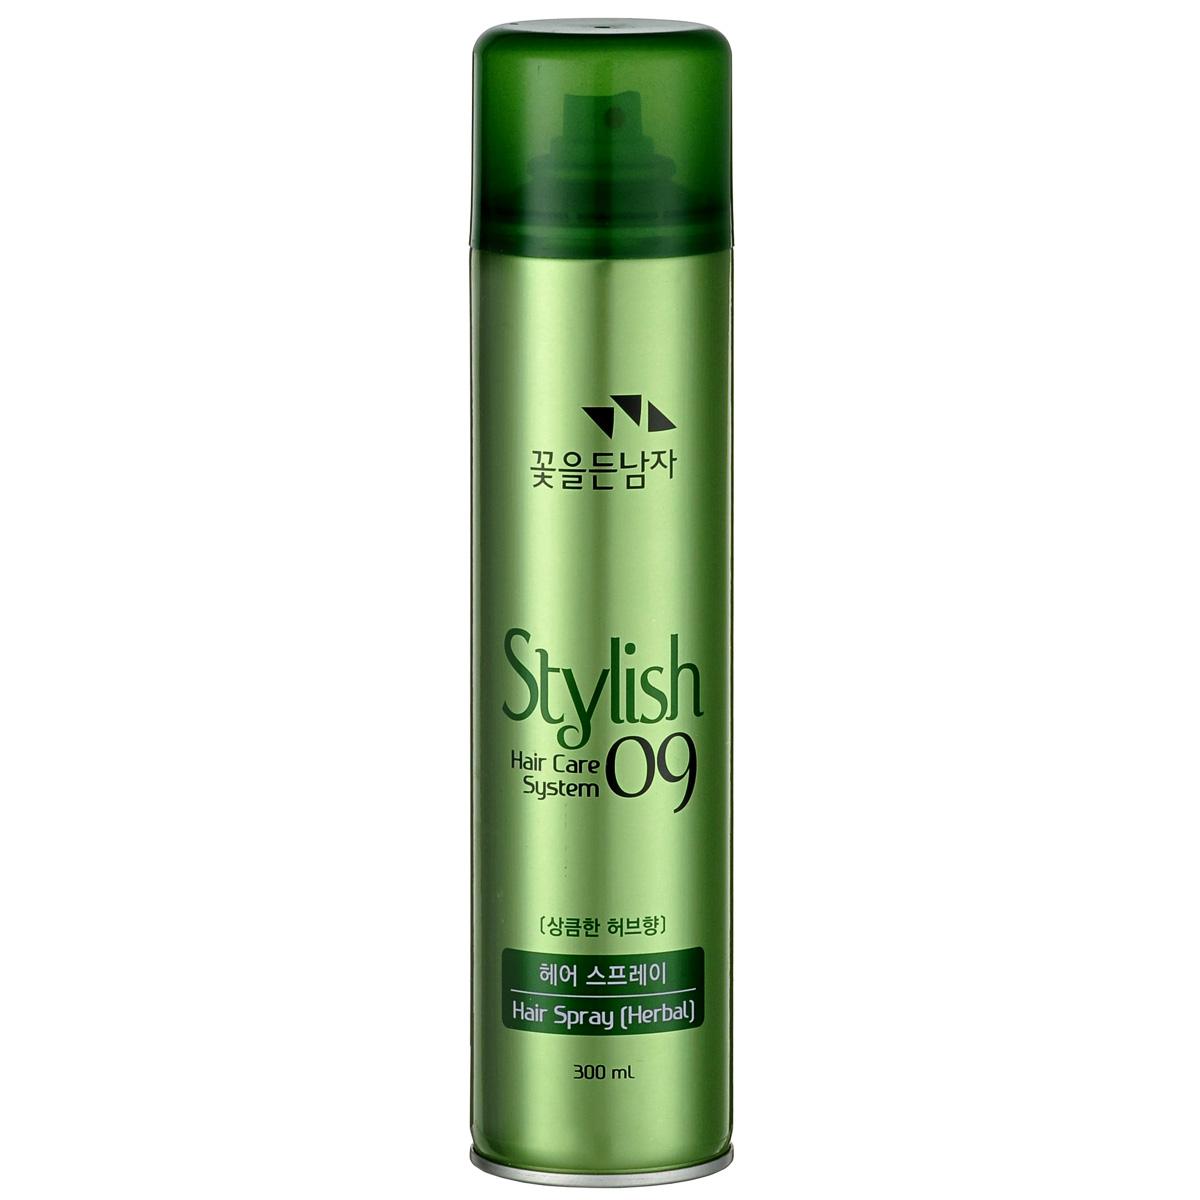 Somang Hair Care Лак для укладки волос-травы, 300 мл124654Длительная укладка без ощущения липкости при прикосновении. Защищает волосы от ультрафиолетового излучения. Содержит керамид, гидролизованный кератин и экстракты, полученные из цветков и листьев 7 видов растений.